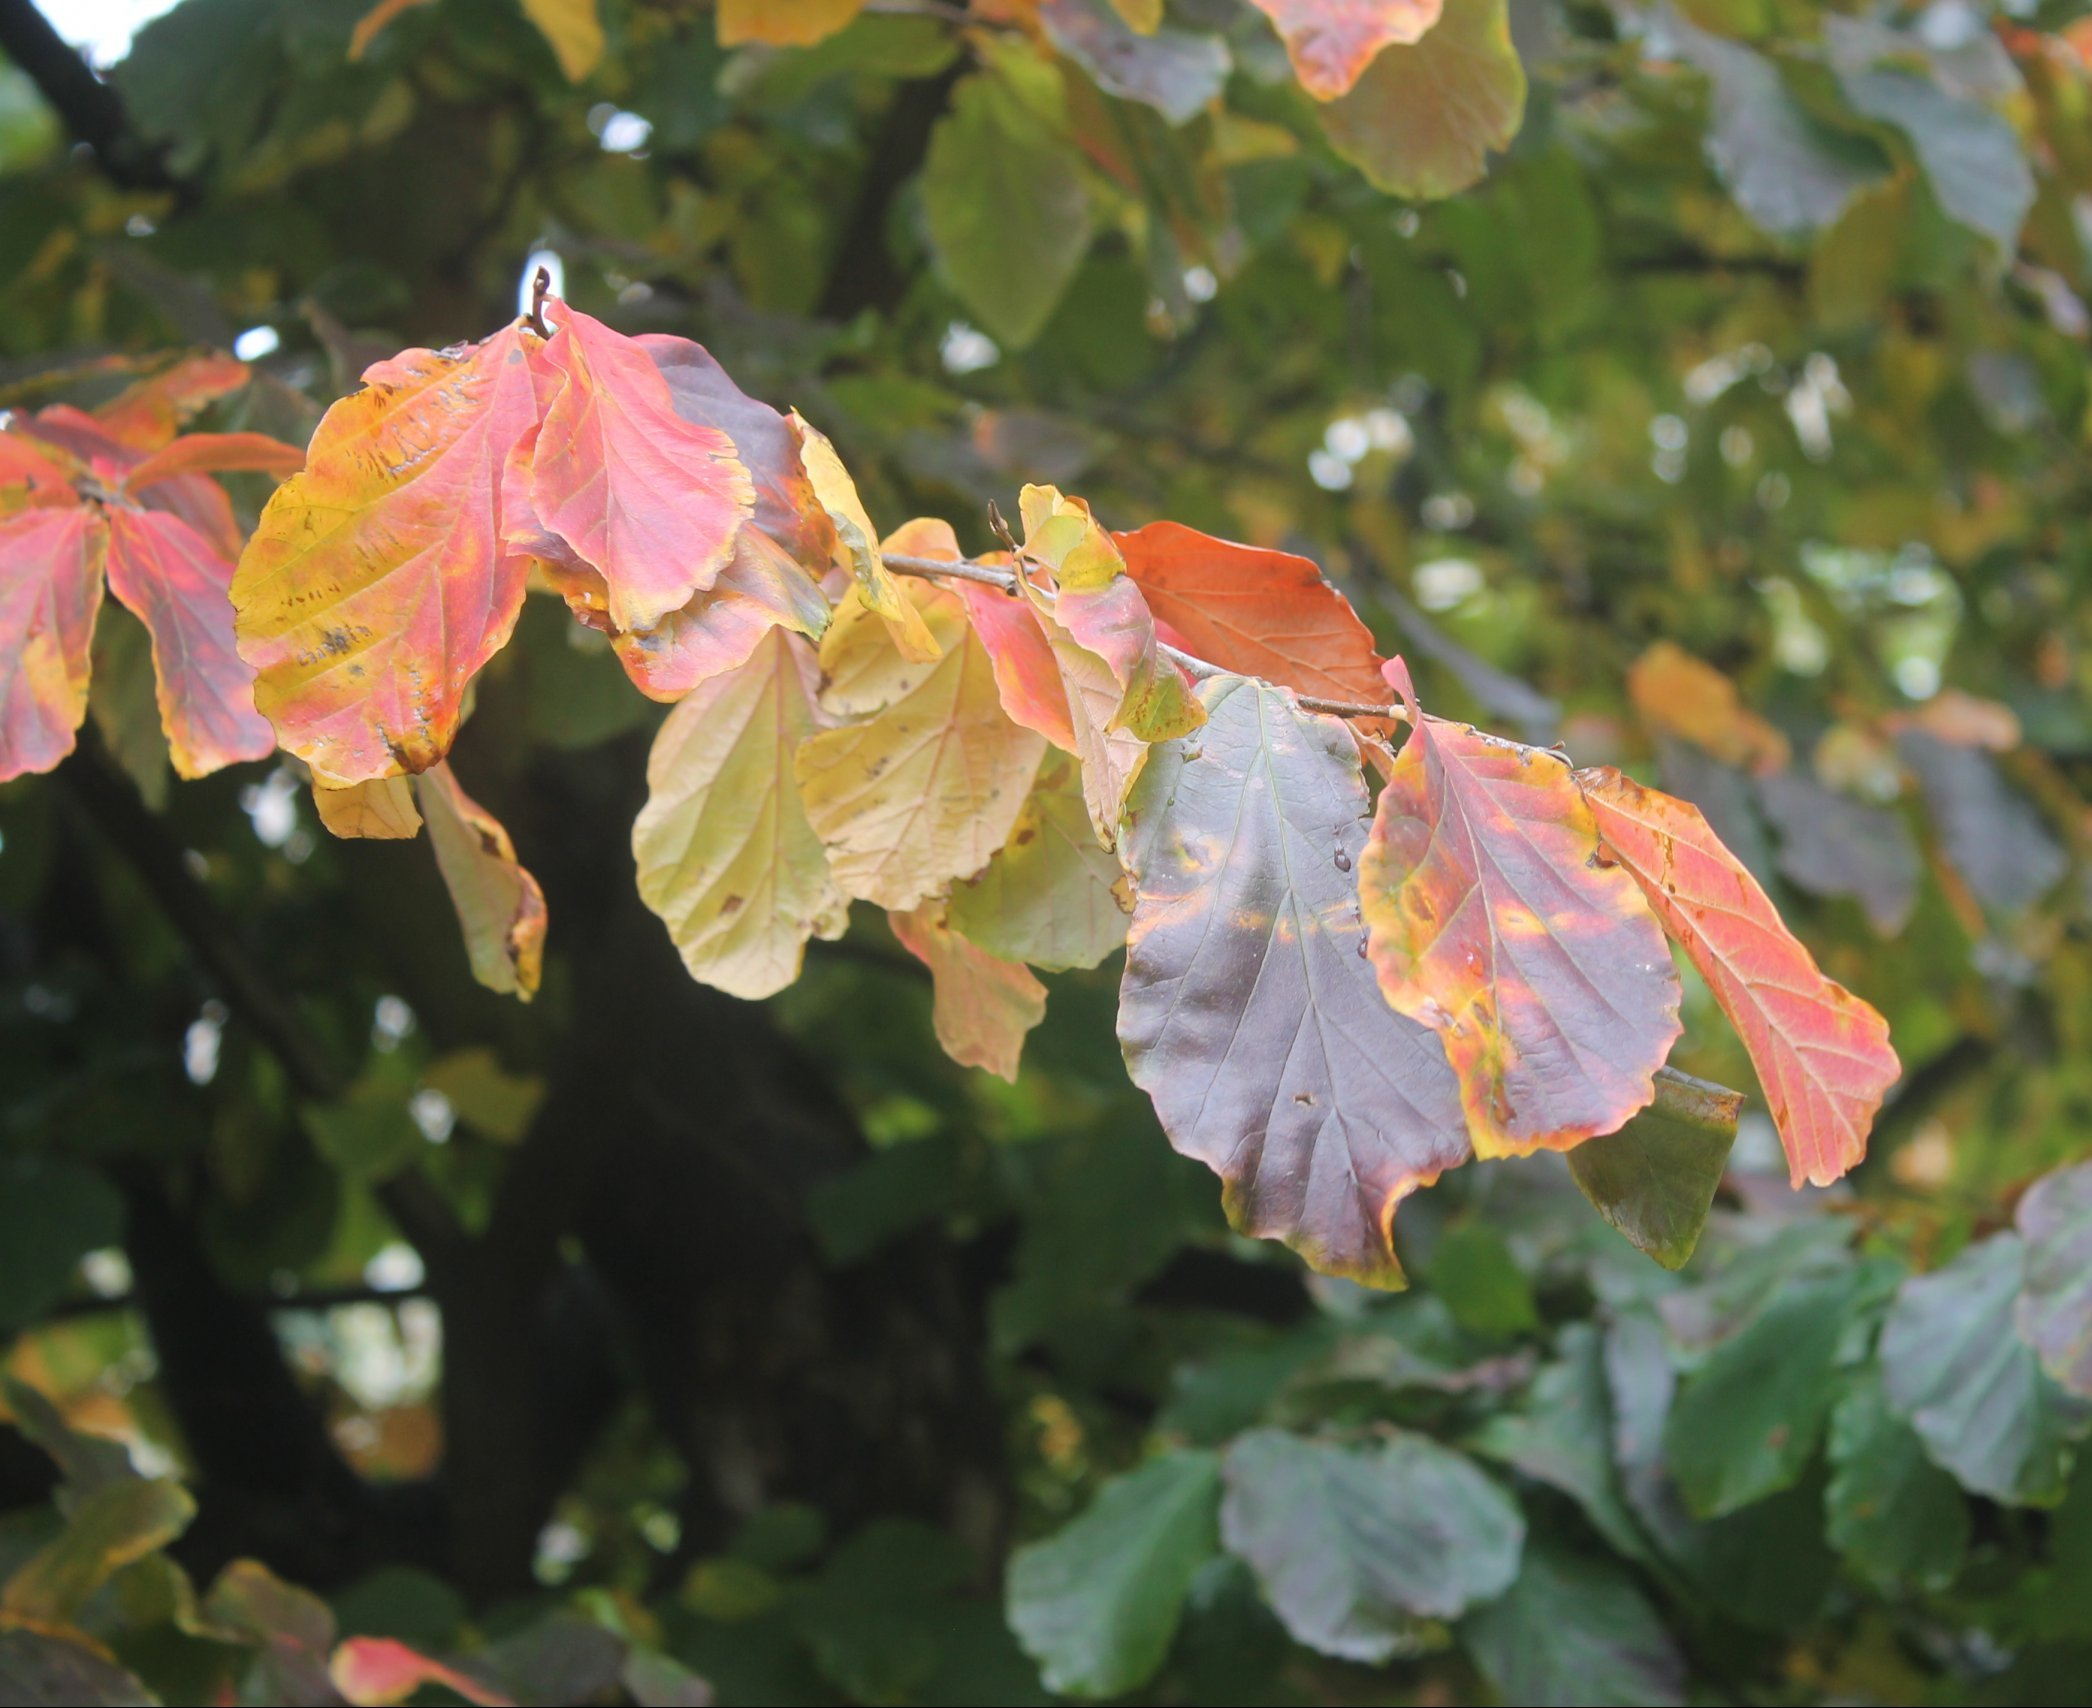 Das Bild zeigt das Laub der Parrotie, welches sich im Oktober intensiv verfärbt. Leuchtende rote als auch gelbe Farbtöne sind dann sichtbar, wobei viele Blätter scheckig erscheinen und teilweise auch noch dunkelgrüne Töne aufweisen.